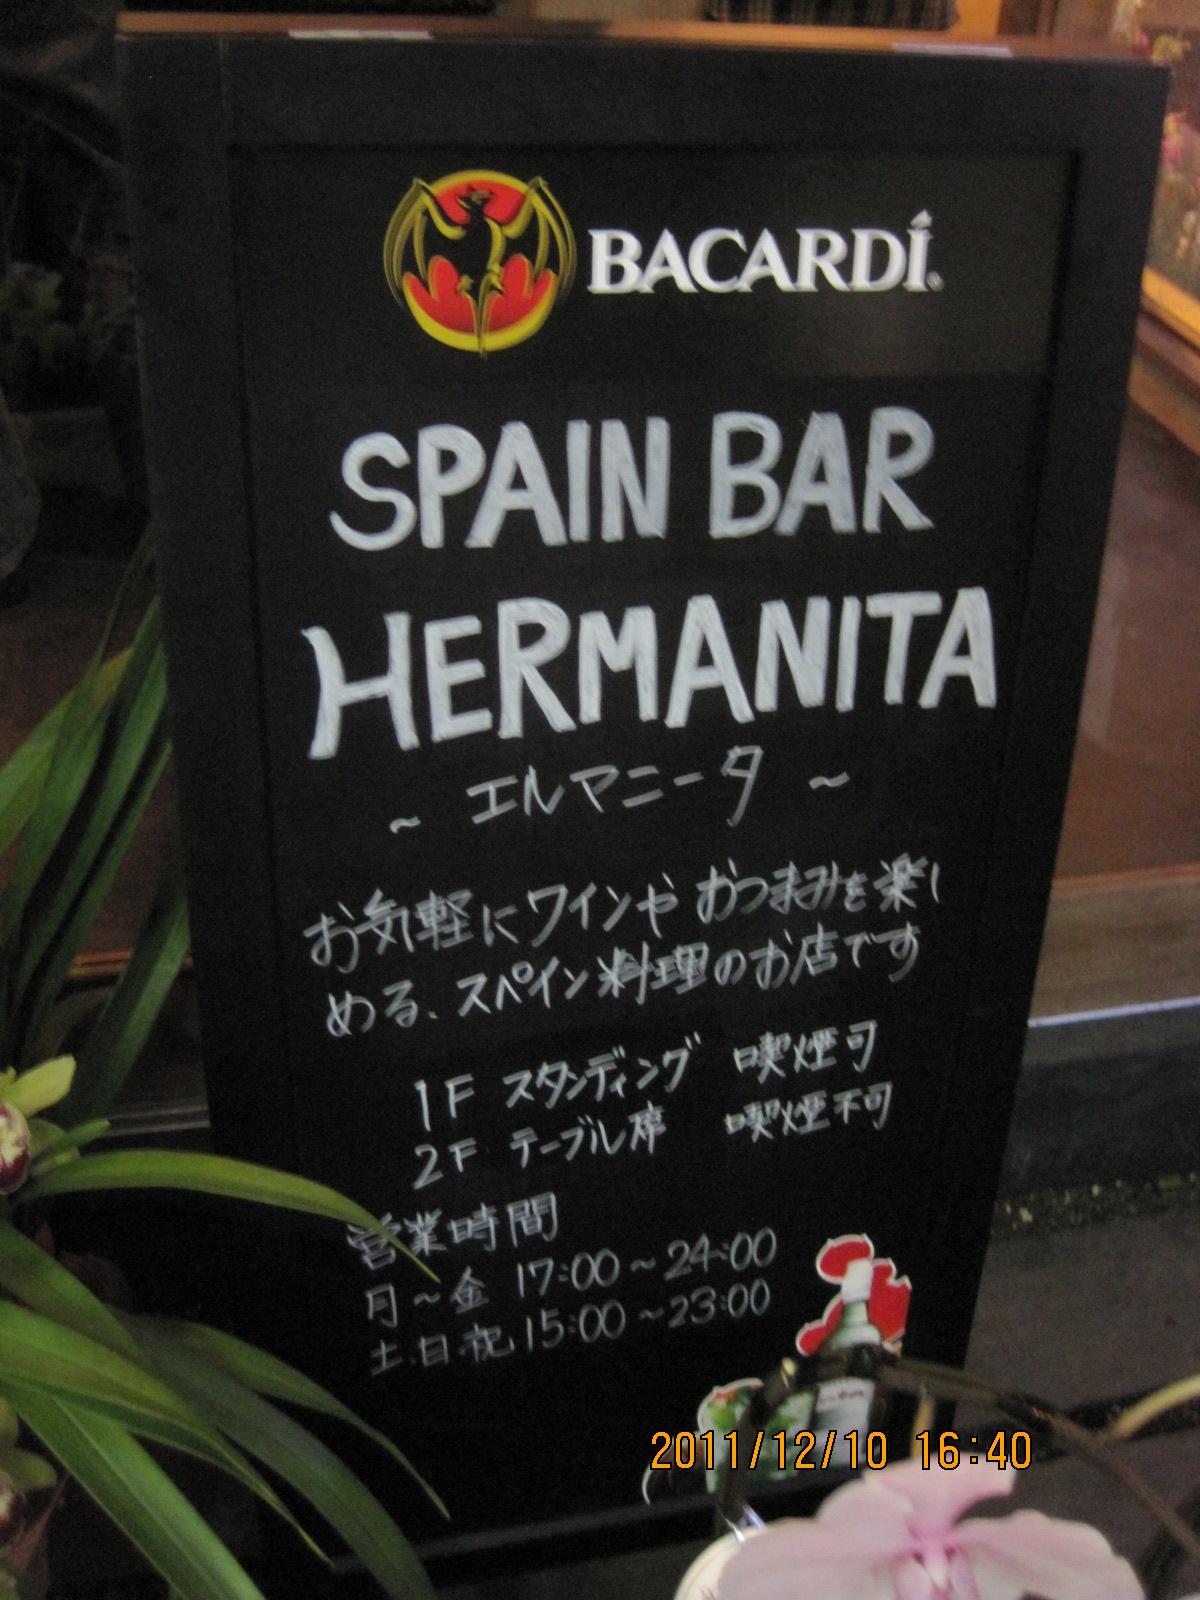 スペインバル エルマニータ